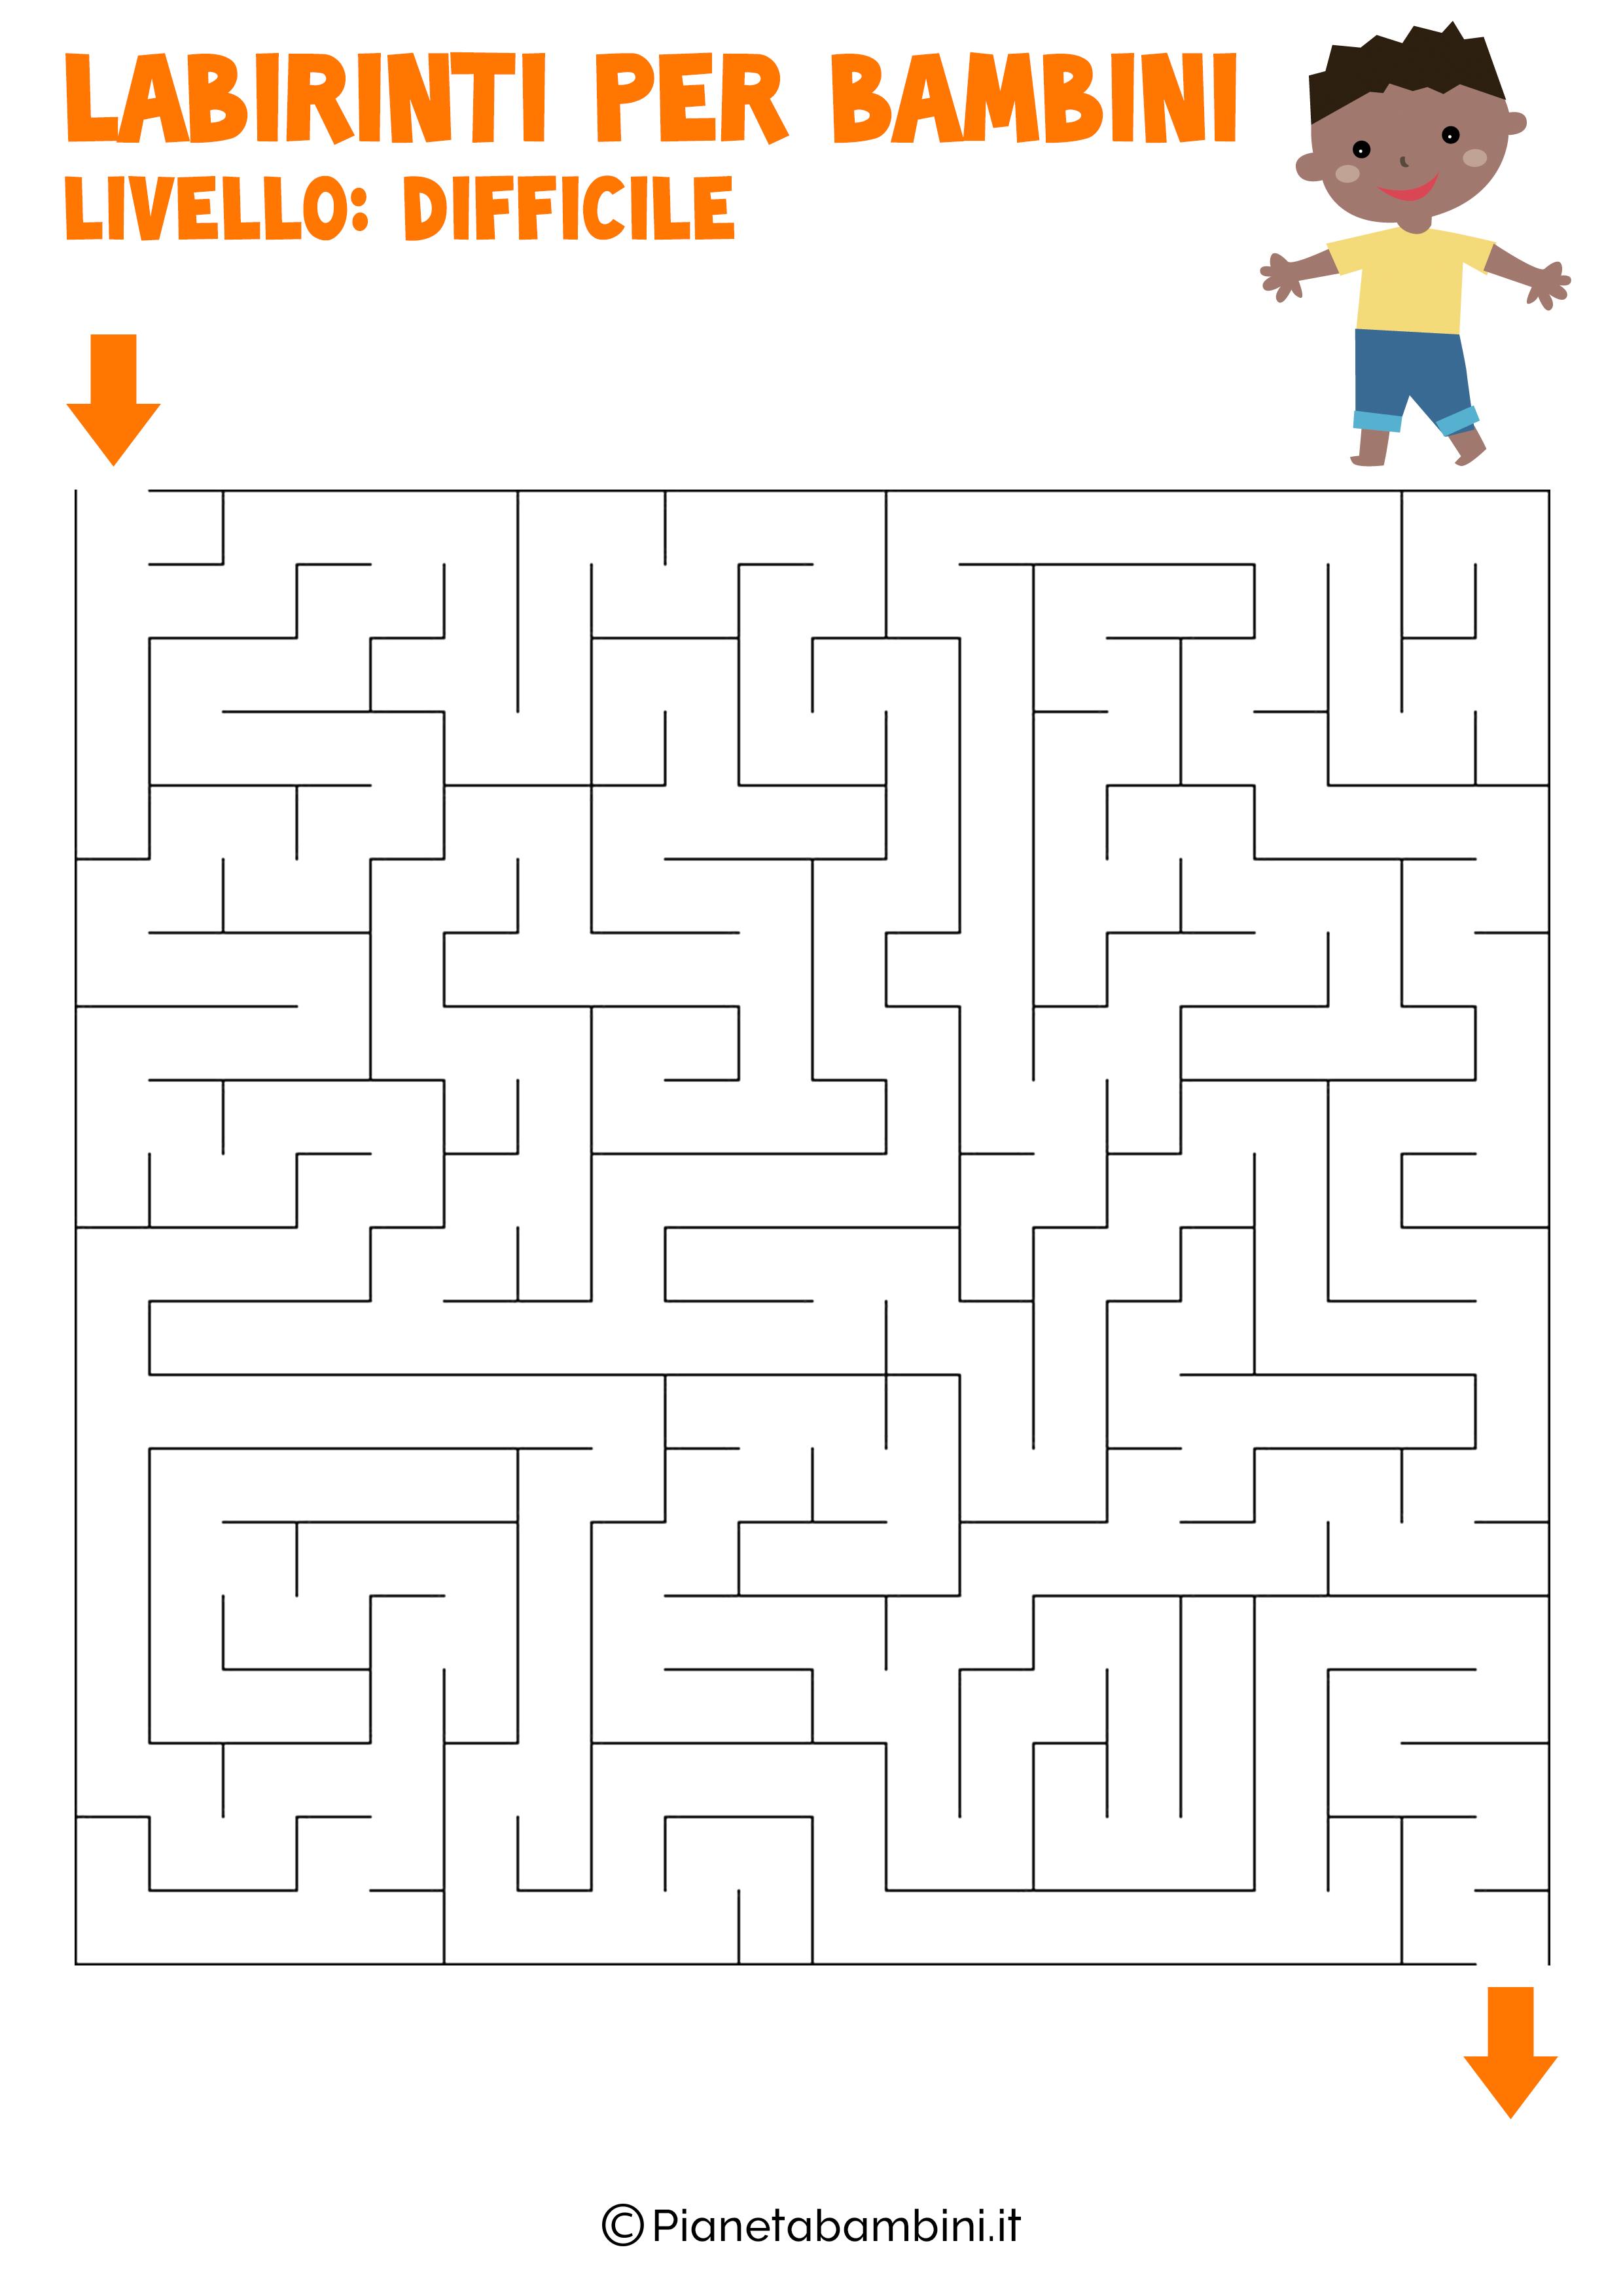 Labirinto difficile per bambini numero 6